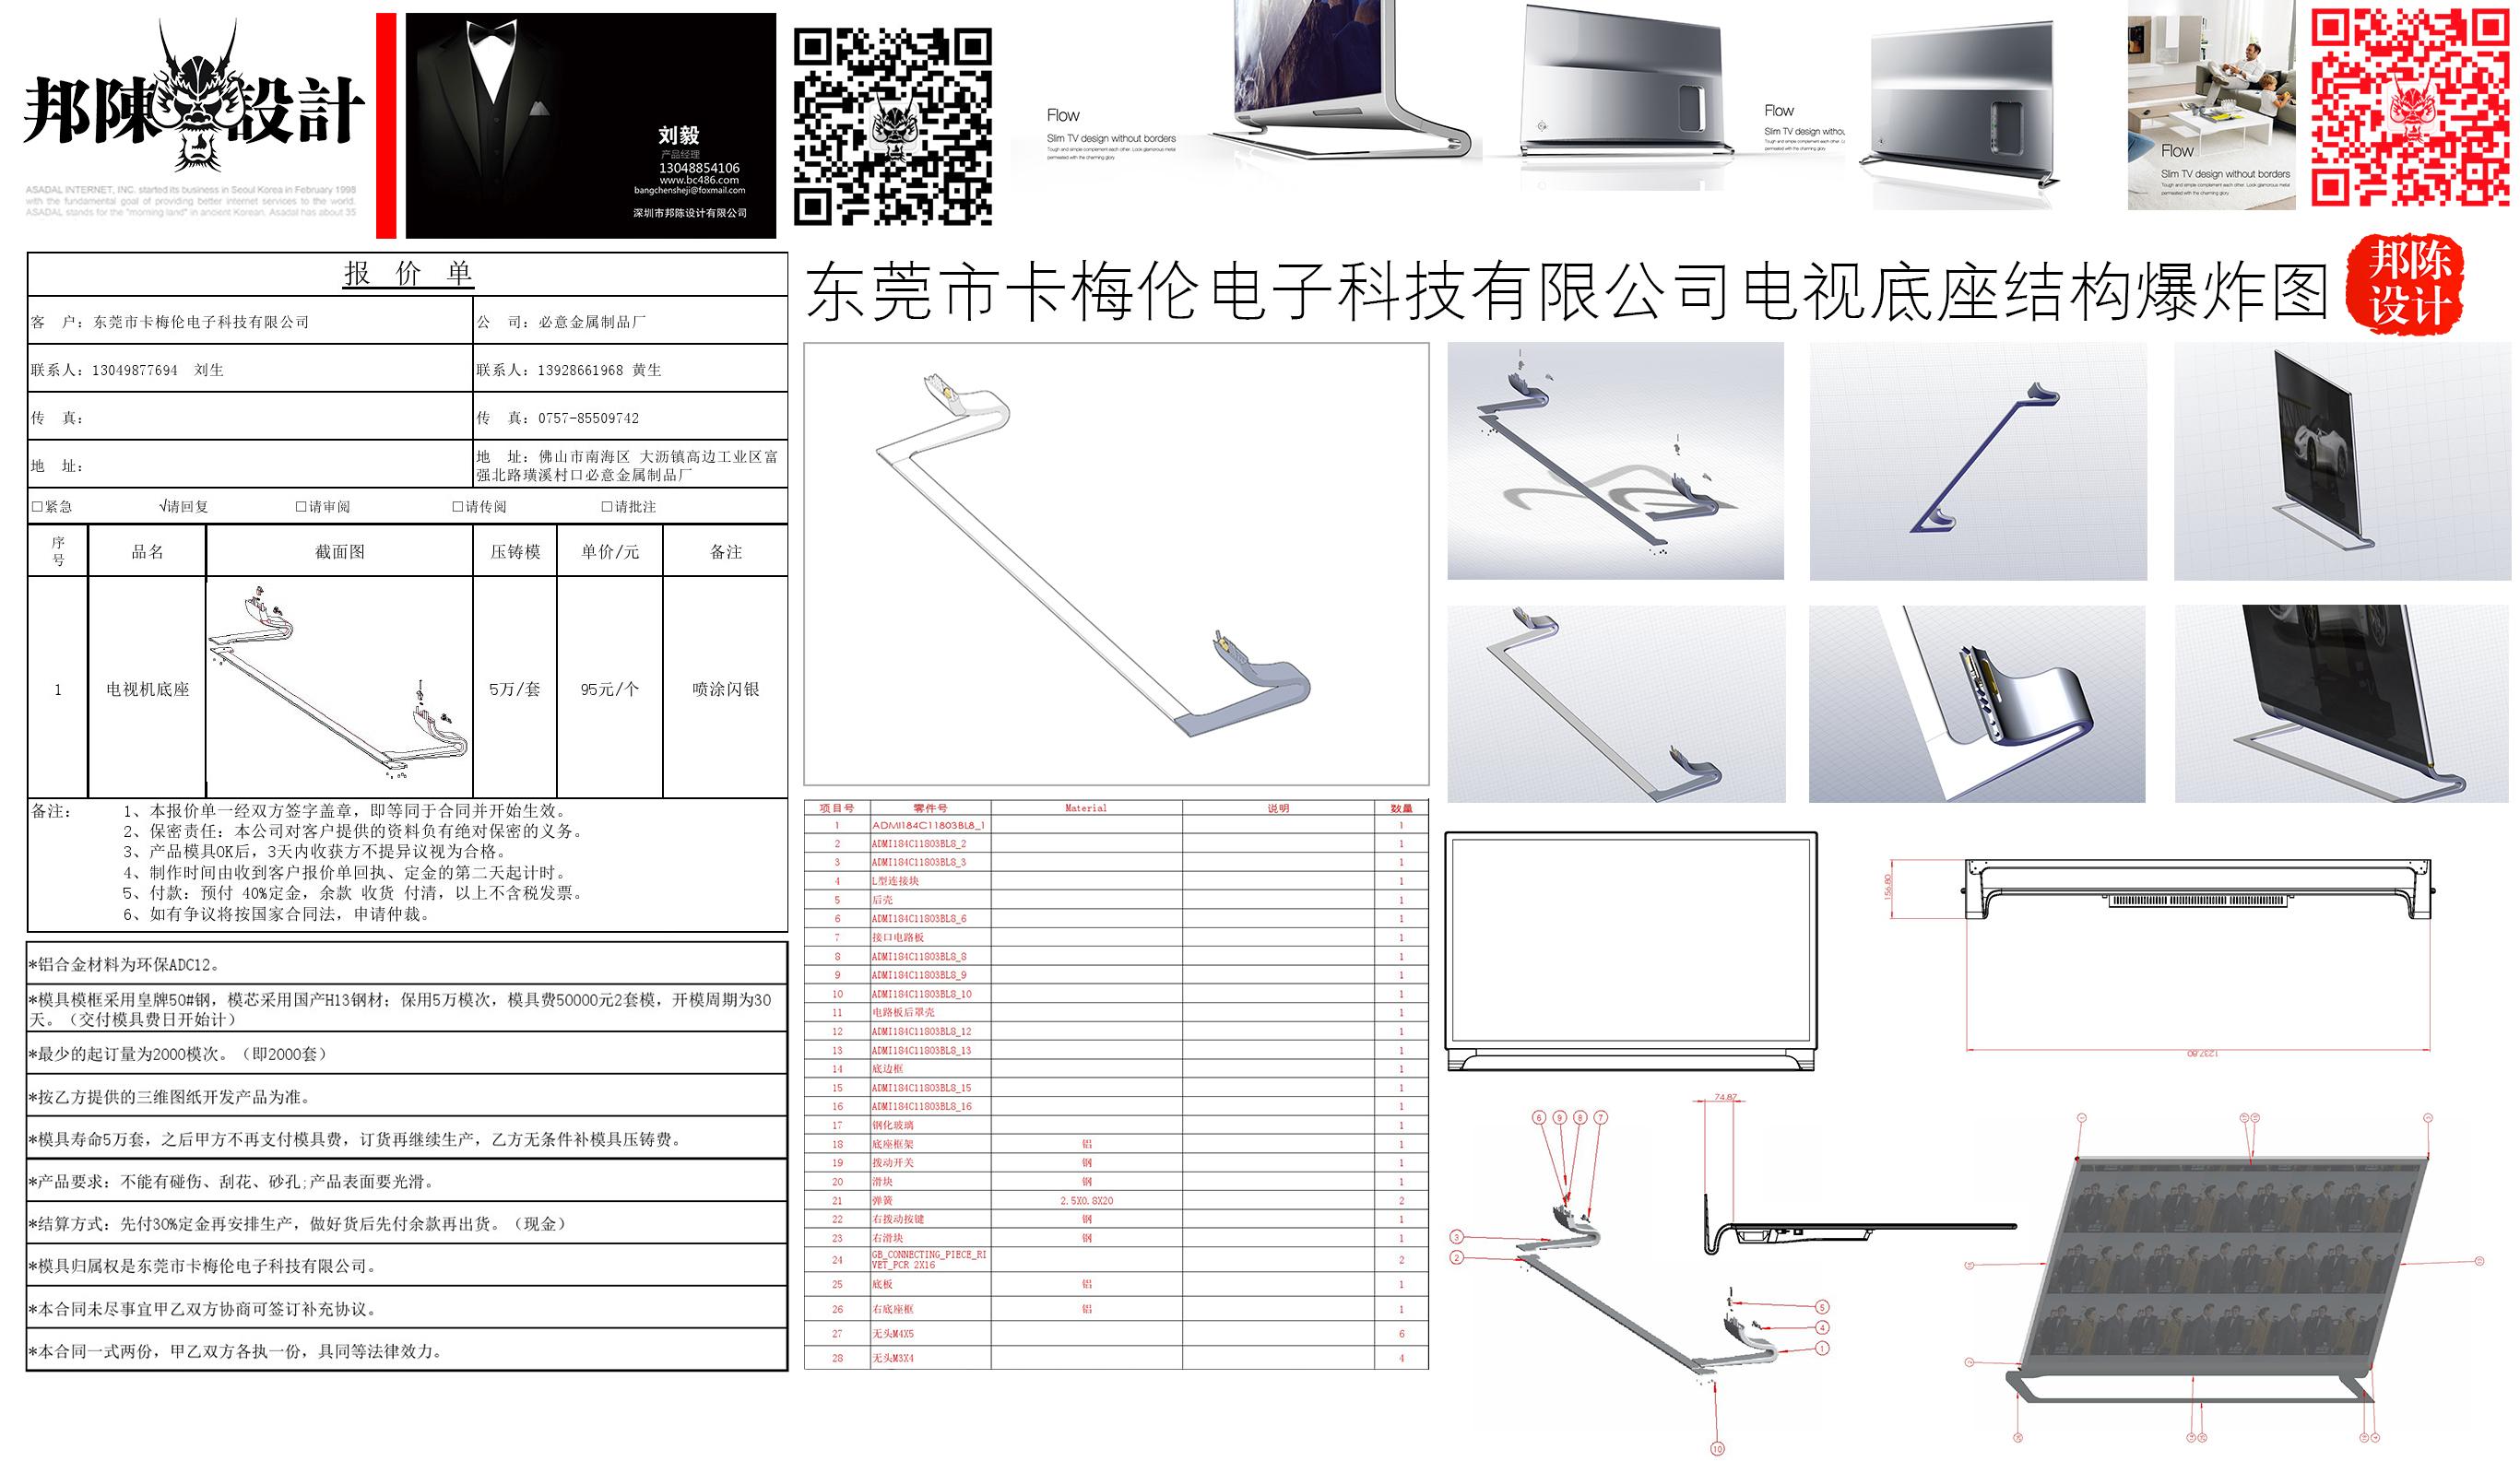 东莞市卡梅伦电子有限公司模具-1